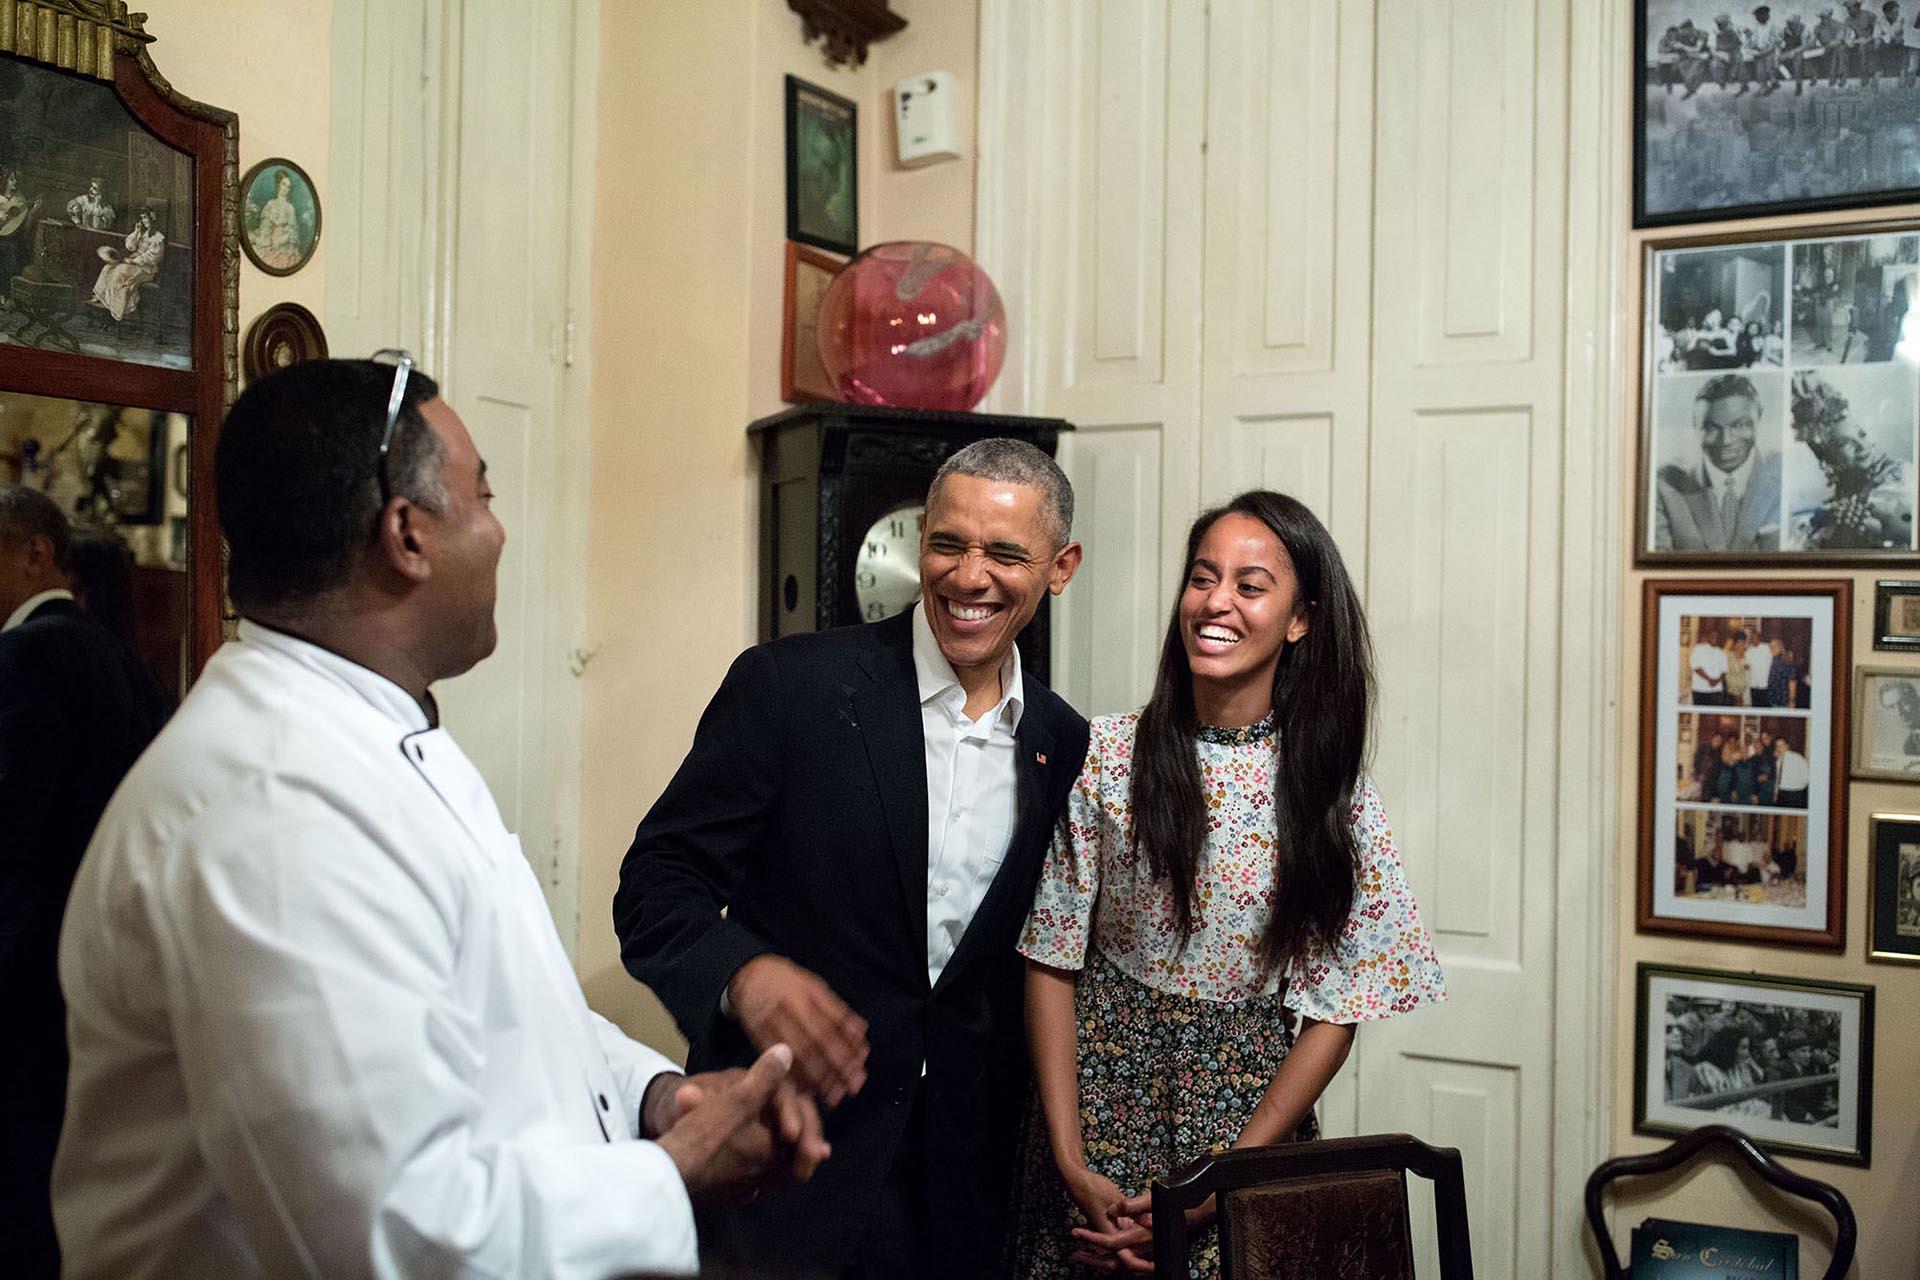 Malia le hizo de traductora de español a su padre en un restaurante de La Habana